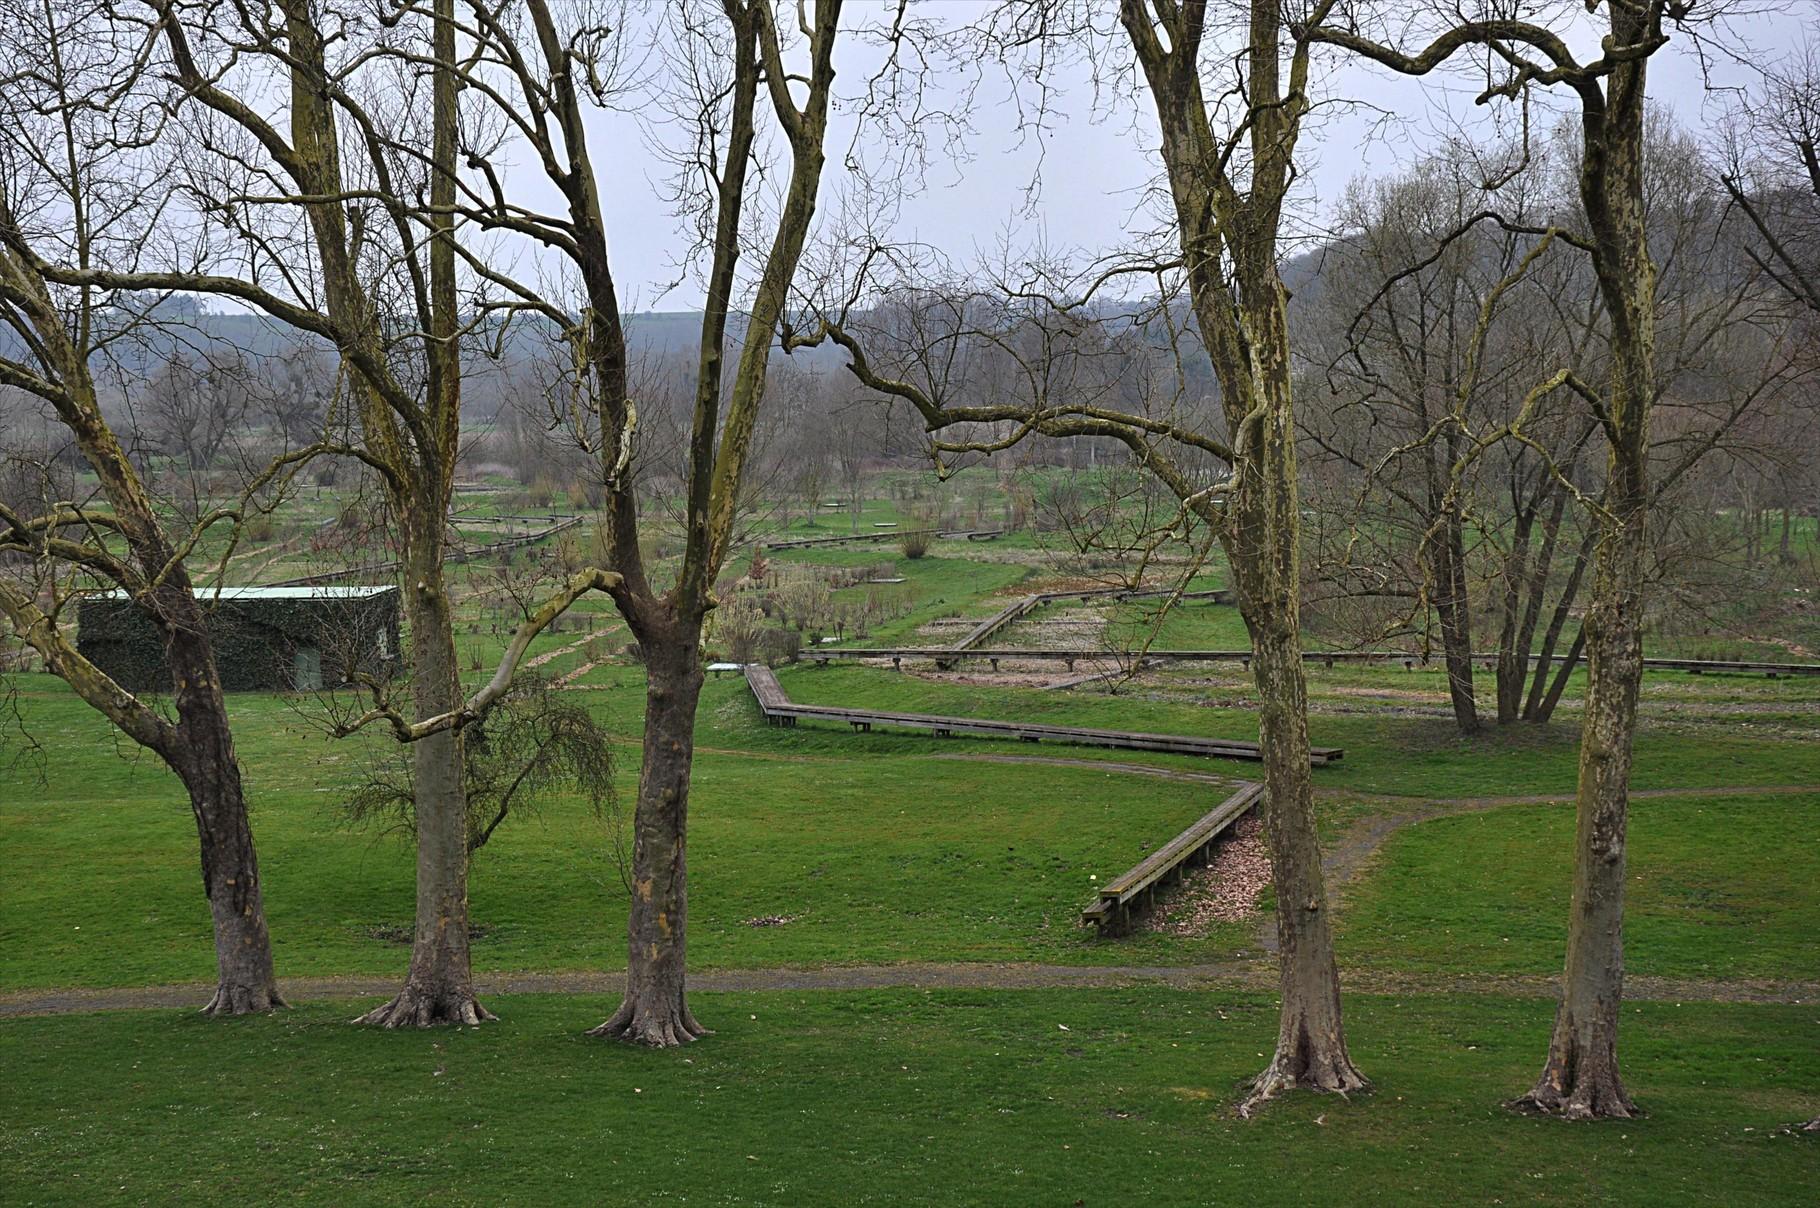 Un des jardins mis à disposition des habitants pour leurs loisirs mais aussi dans un but éducatif